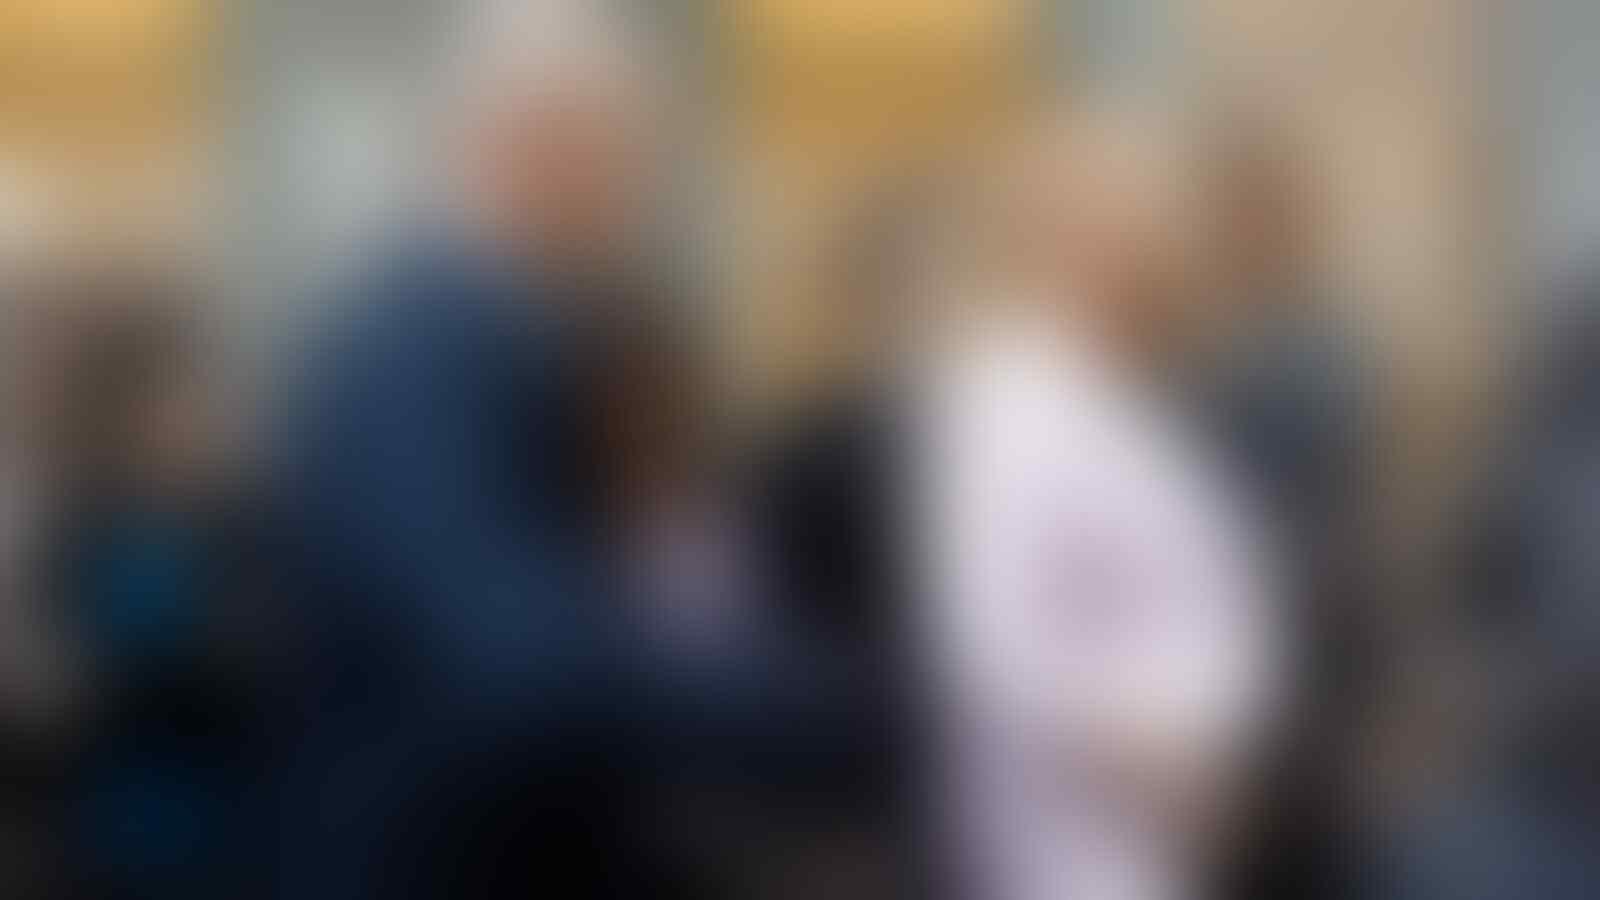 Perusahaan Cangkang di Balik Perselingkuhan Trump-Stormy Daniels